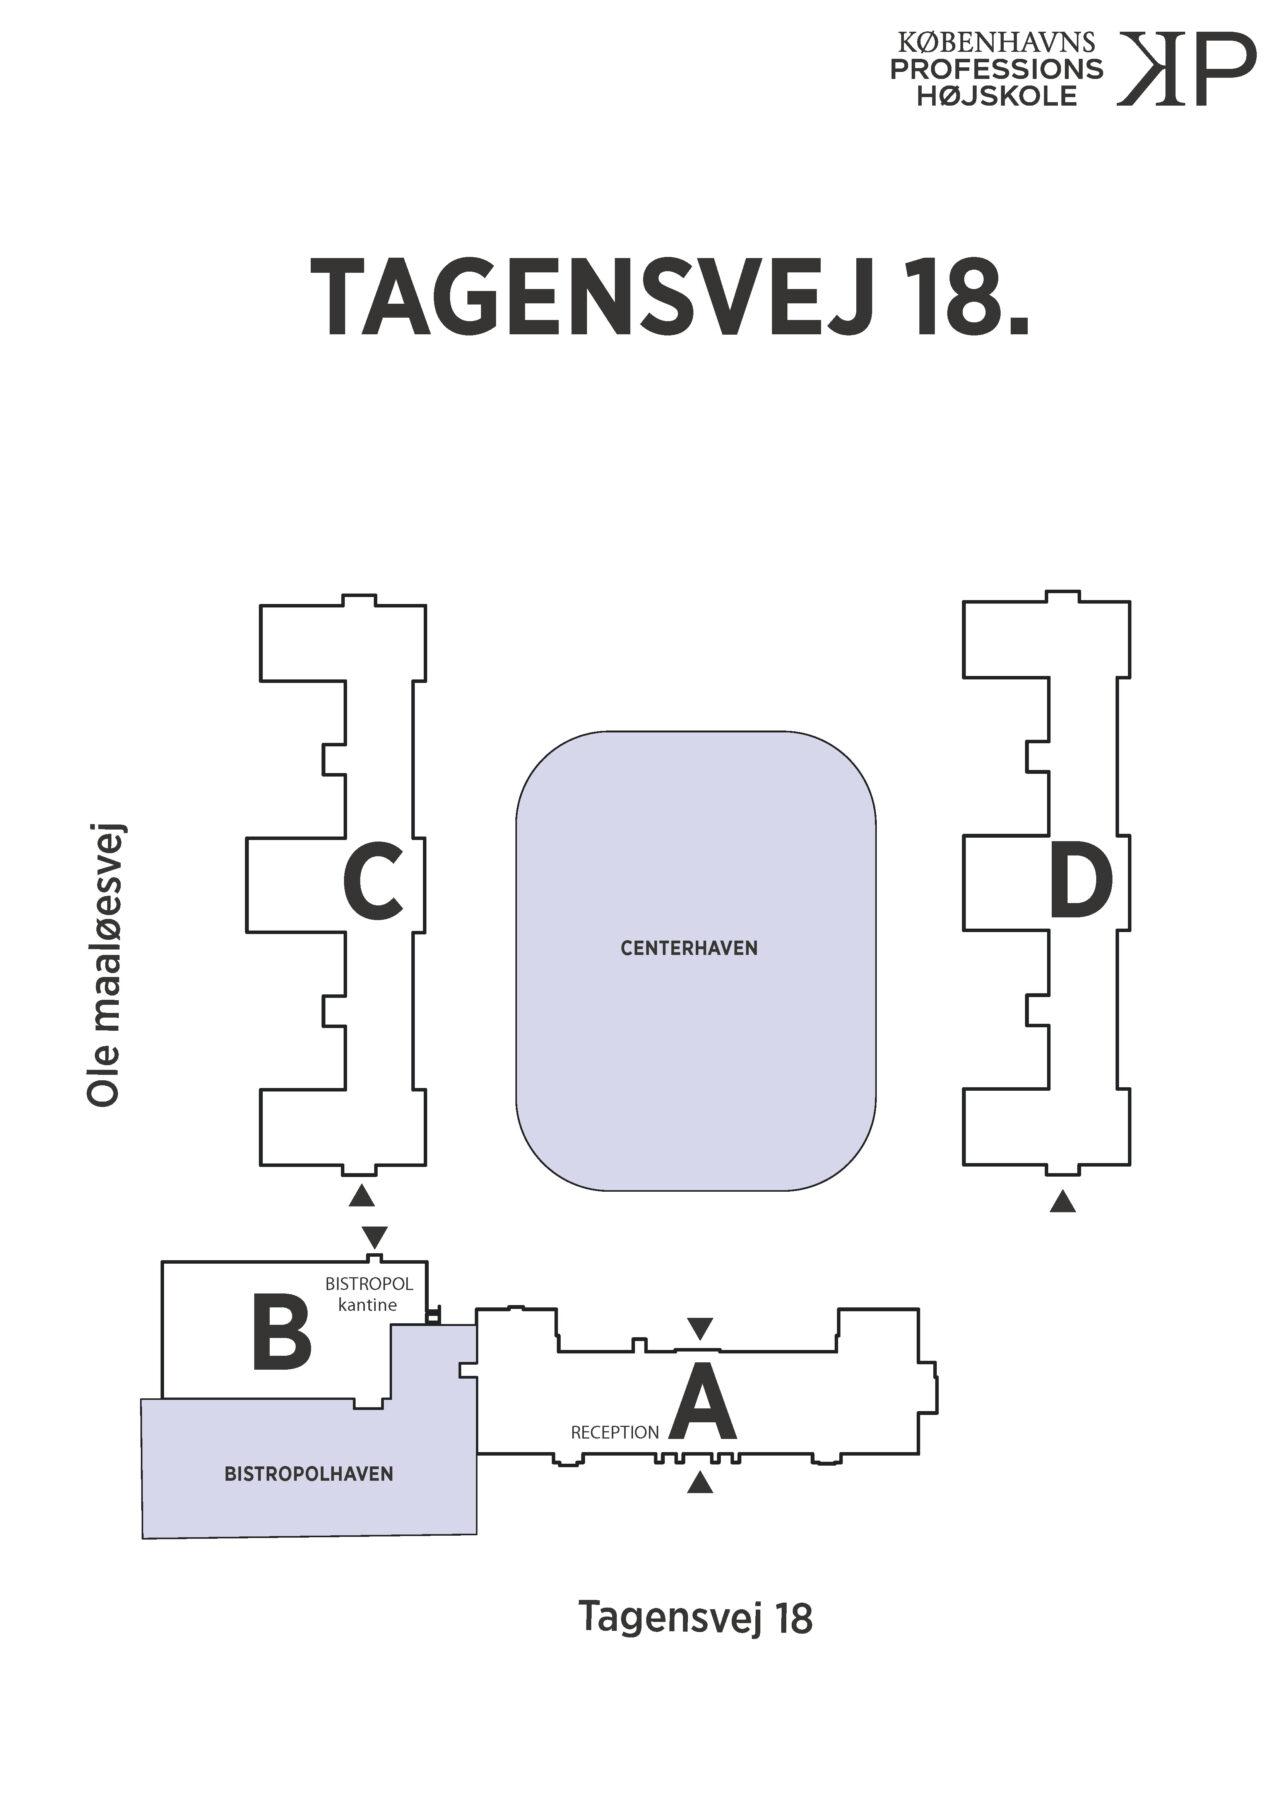 Bygningsomrids Tagensvej 18